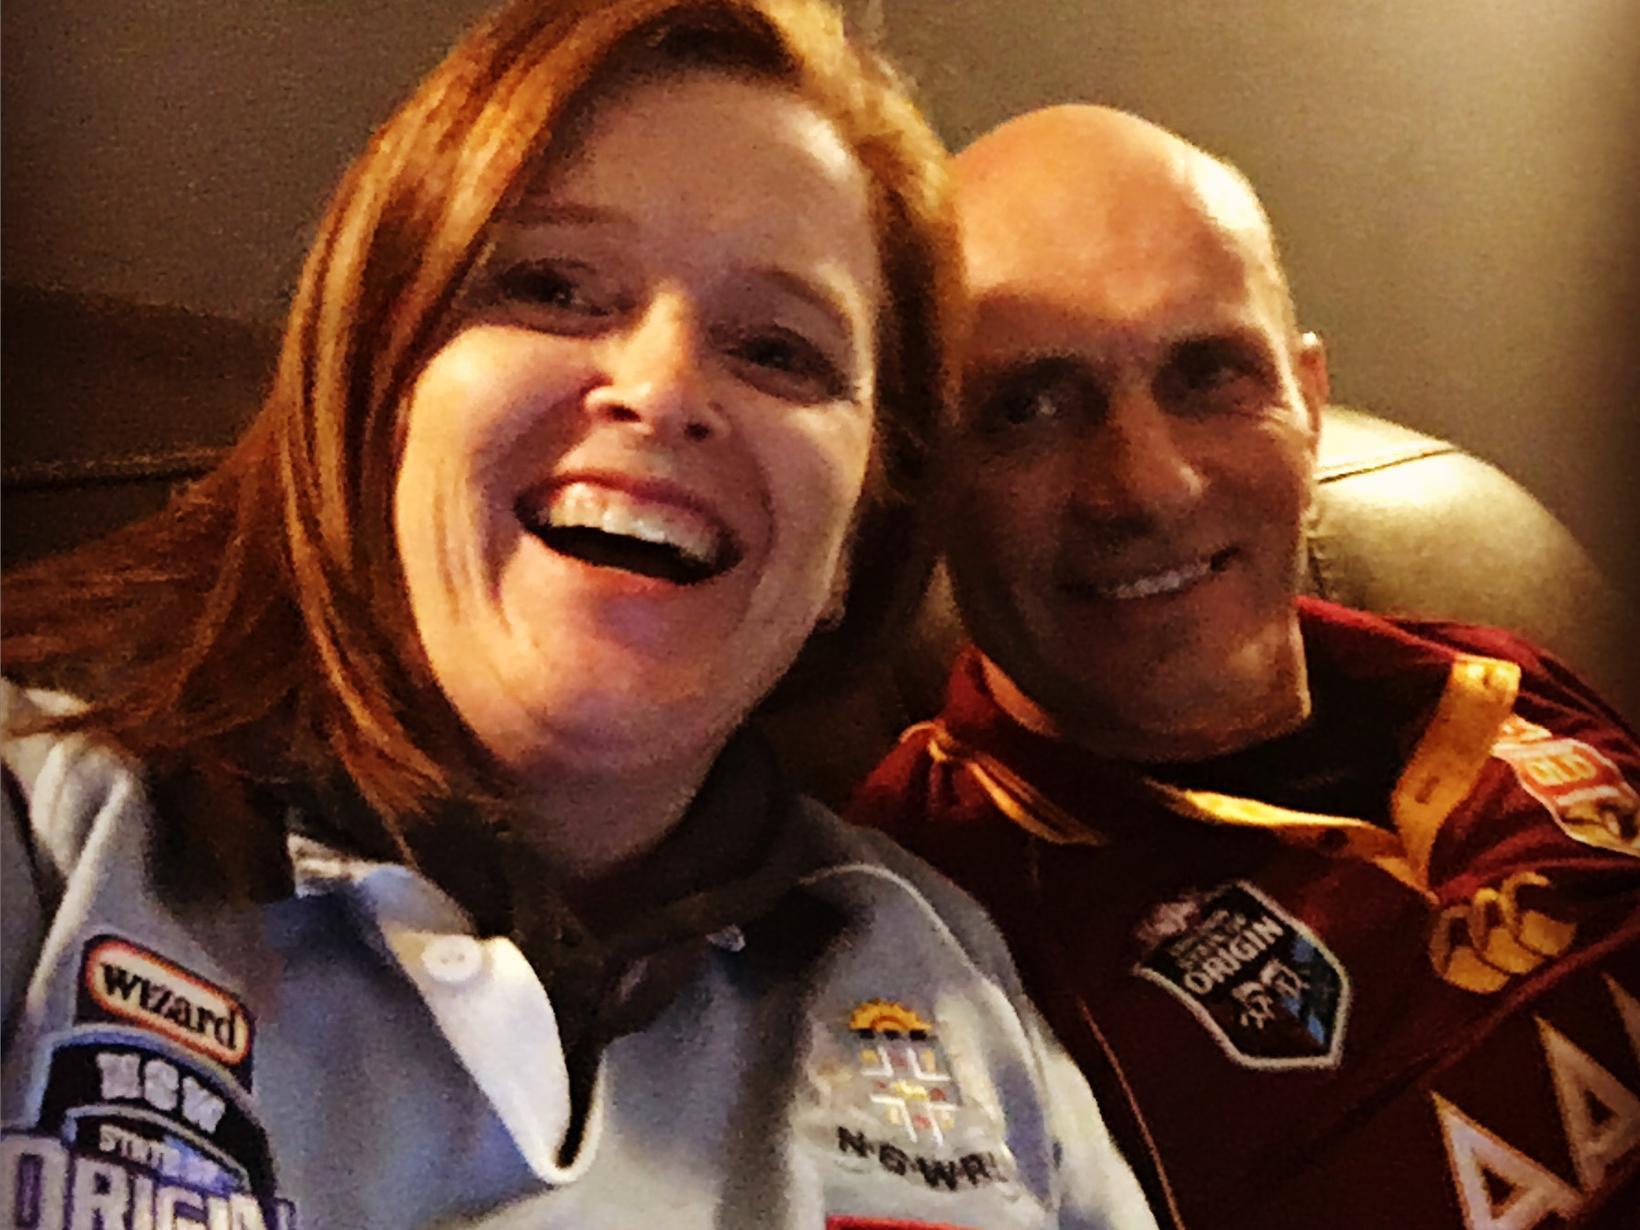 Lee & Geoff from Brisbane, Queensland, Australia